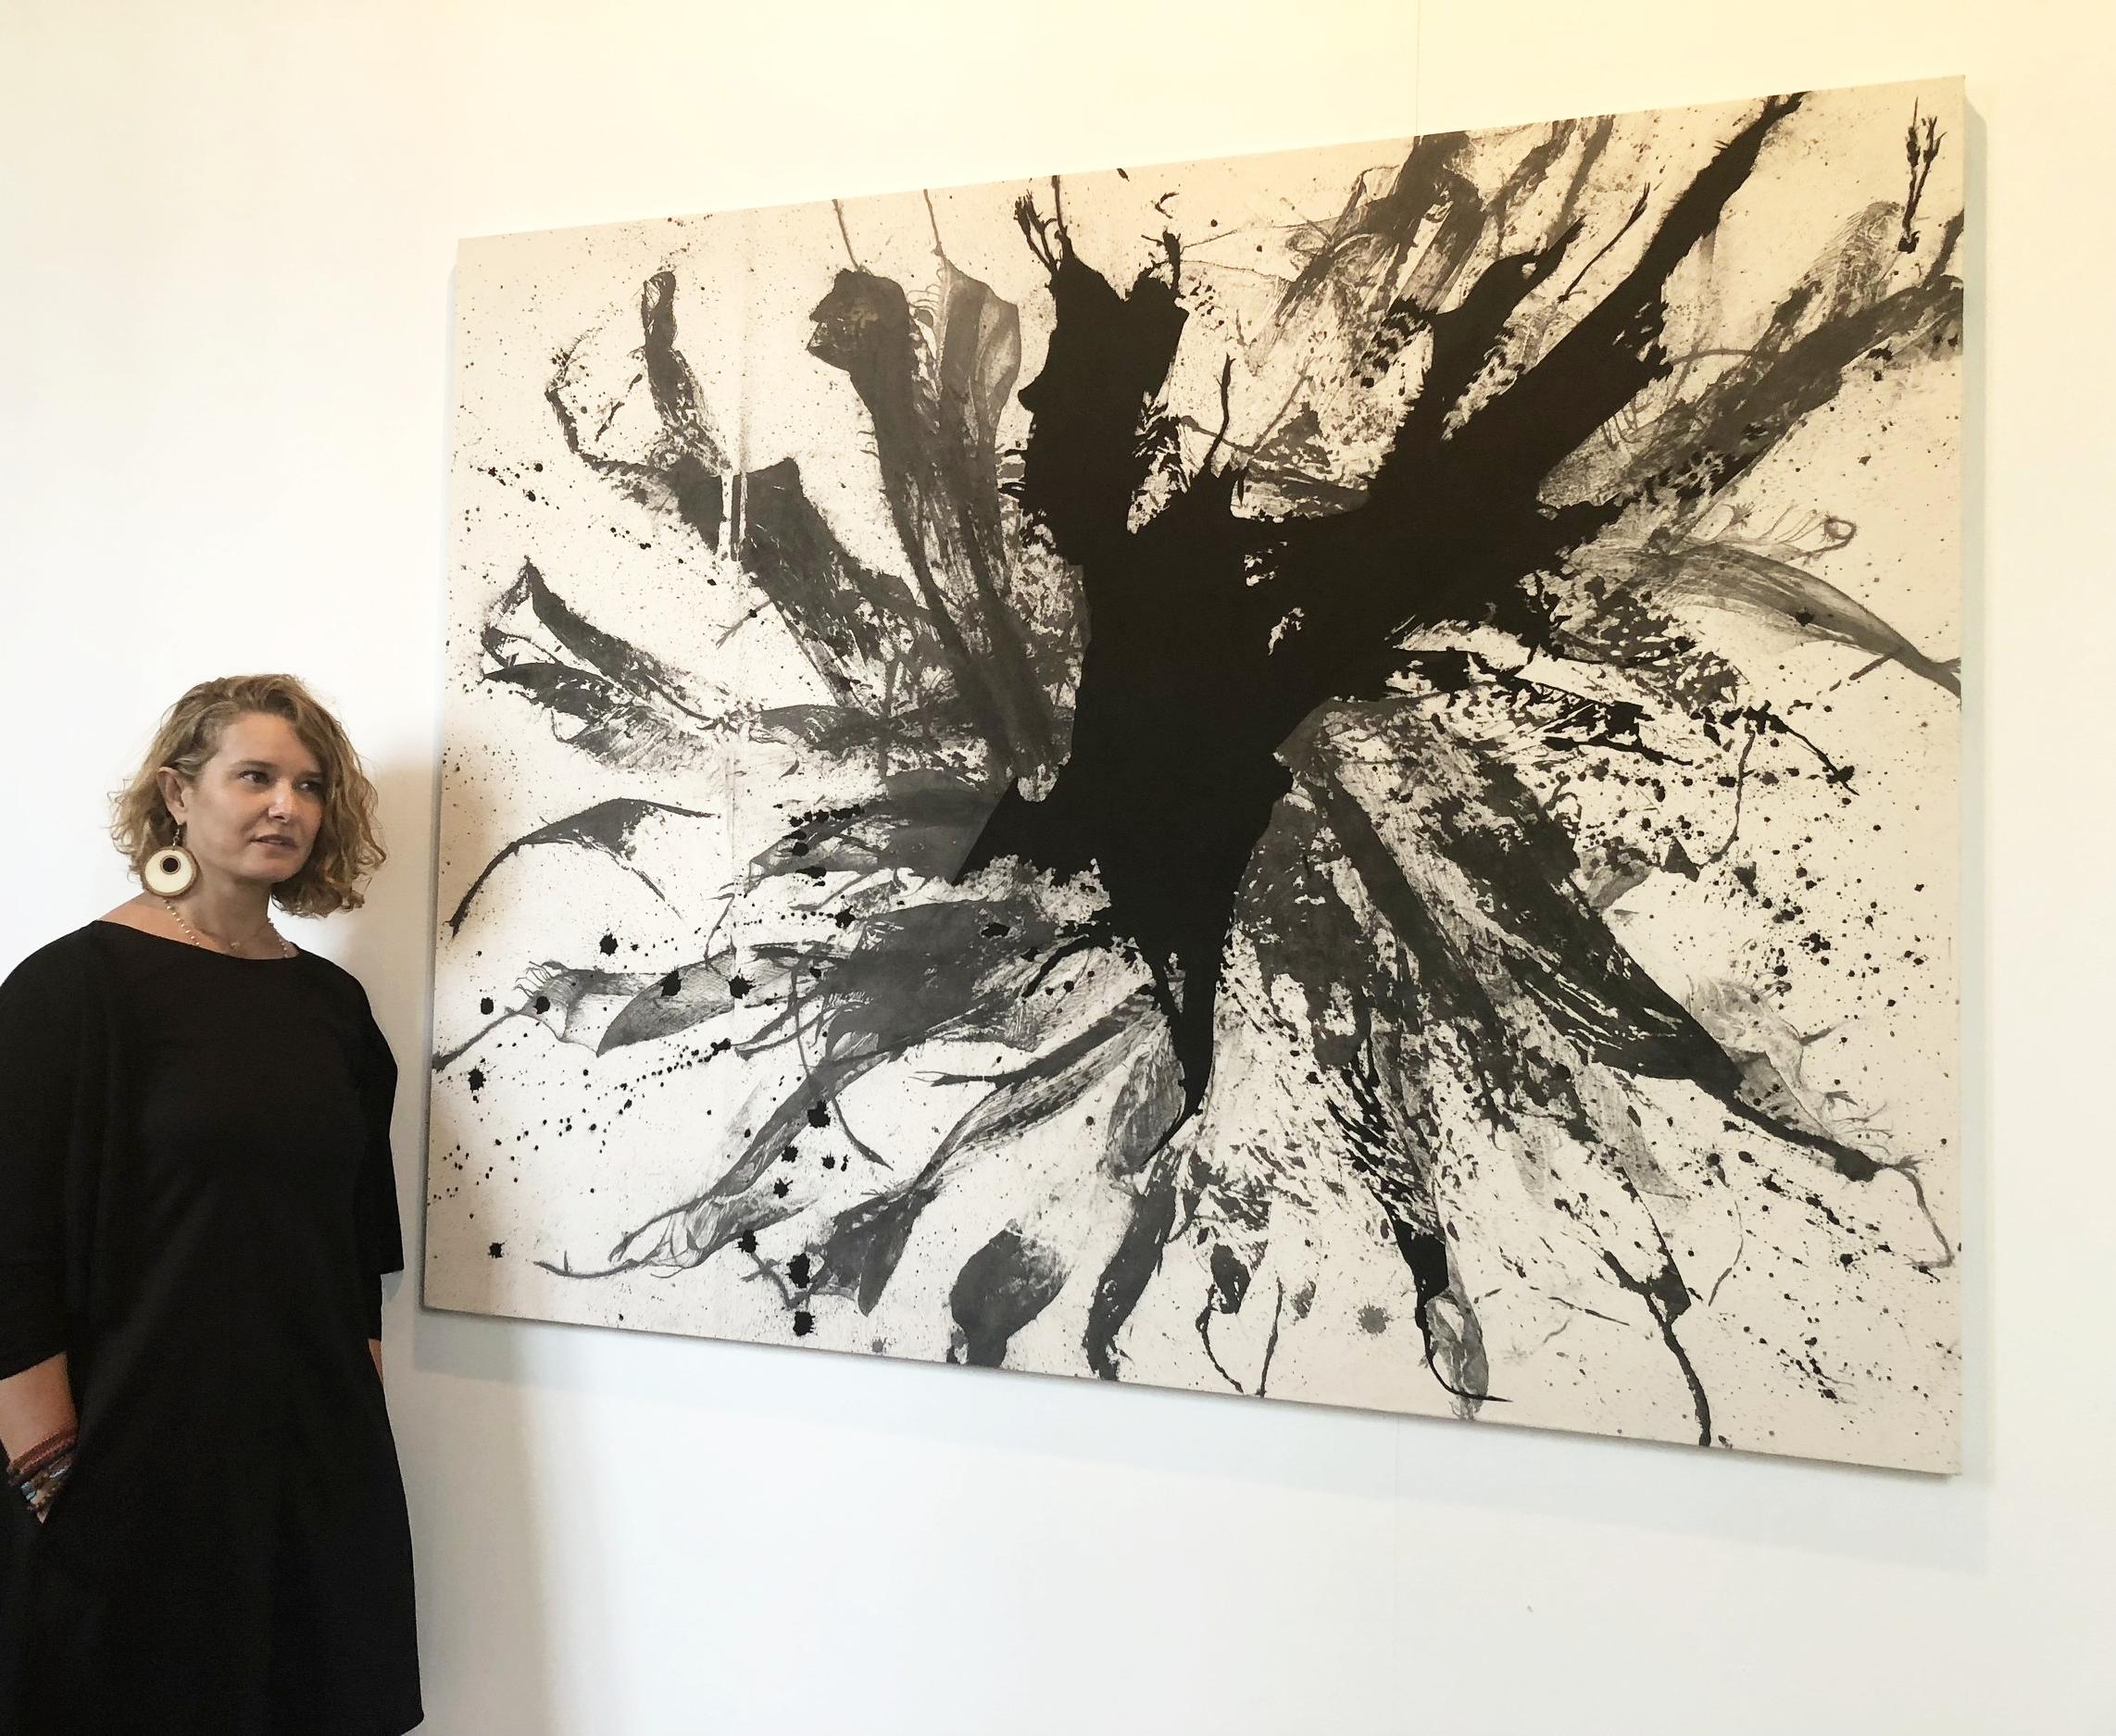 Zena Al Khalil's Ganges River at Giorgio Persano Gallery